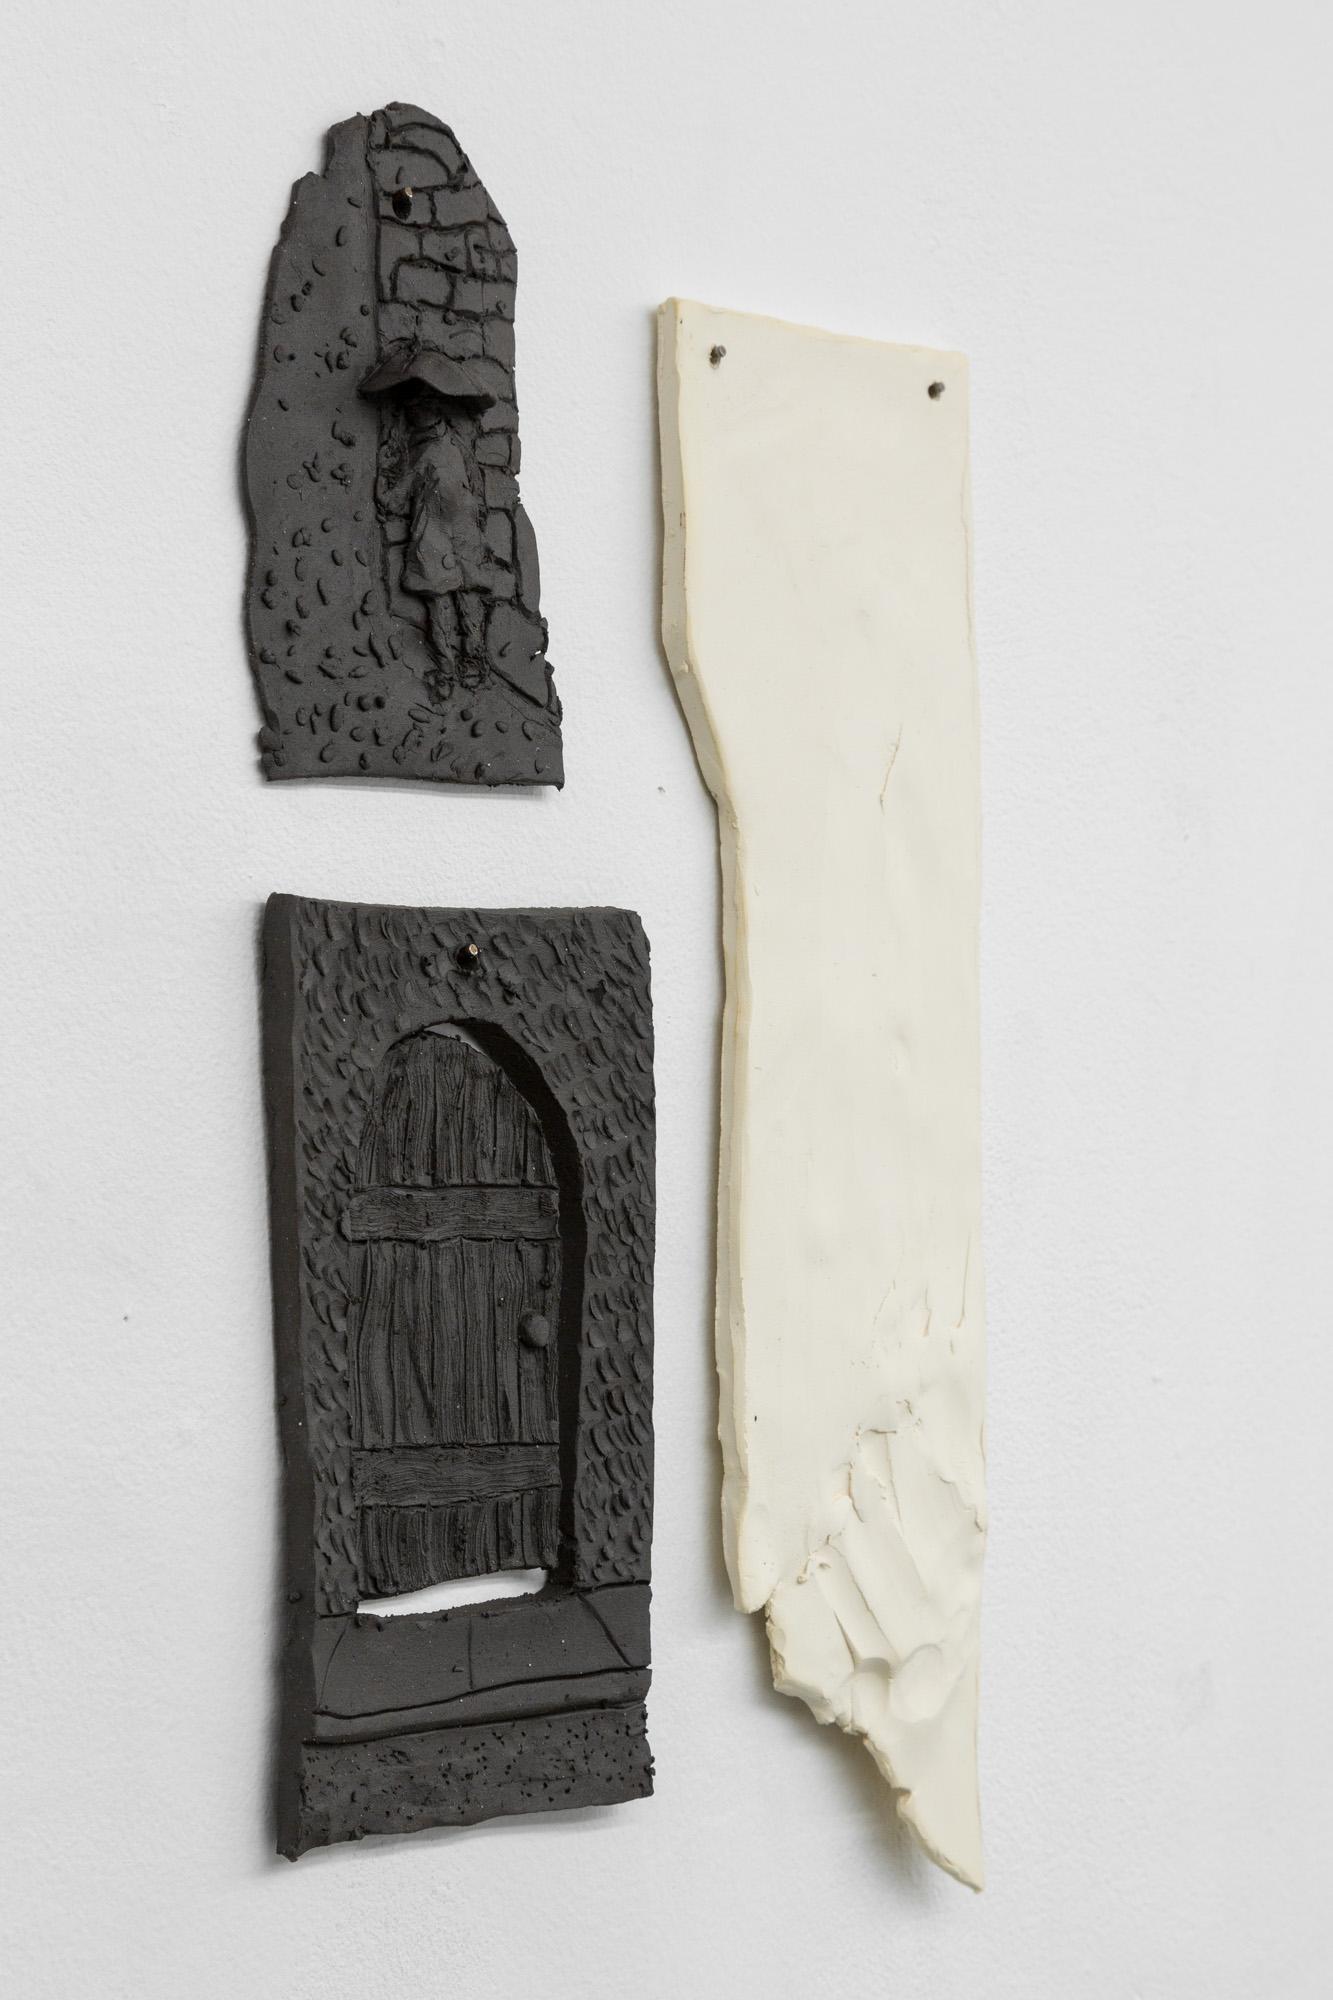 Tom Forkin, Two (detail),  2017,unglazed ceramic,17 x 10 x 0.5 in